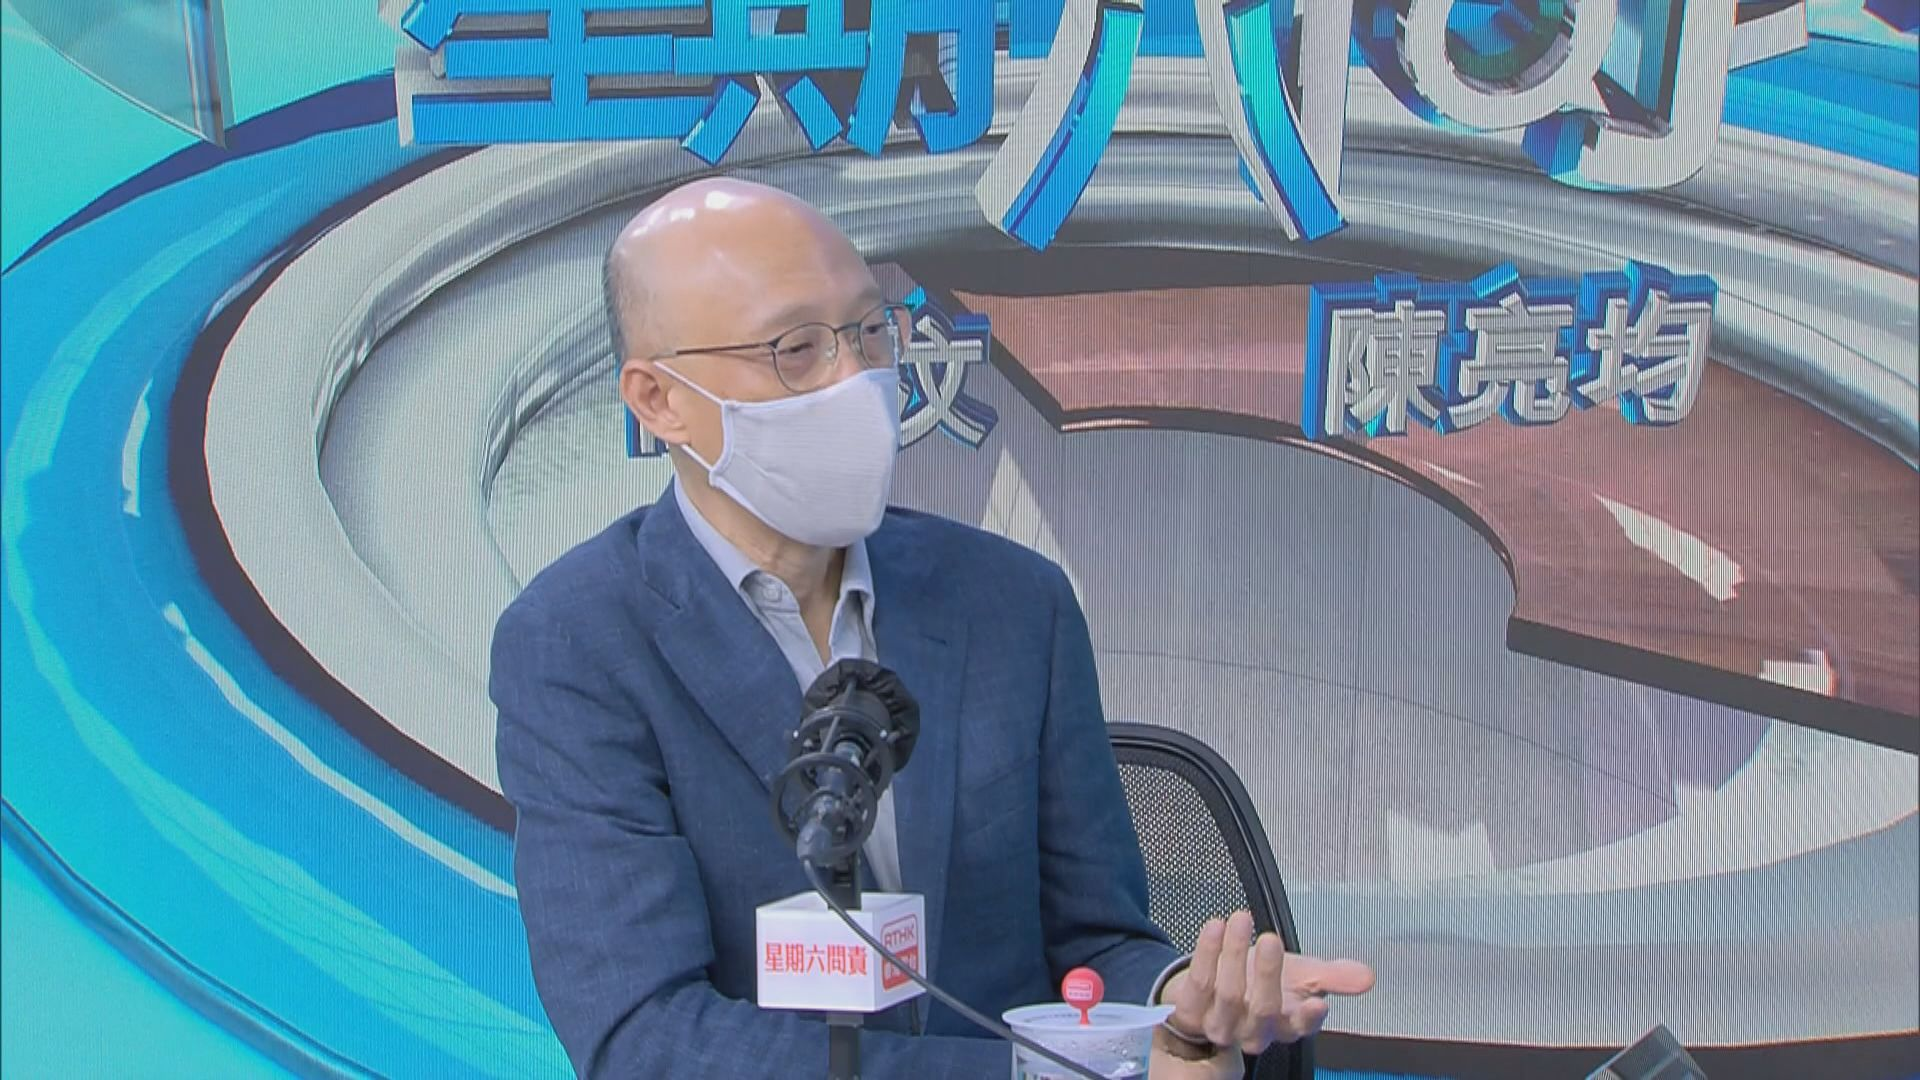 黃錦星:政府的減廢回收的工作不會停下來